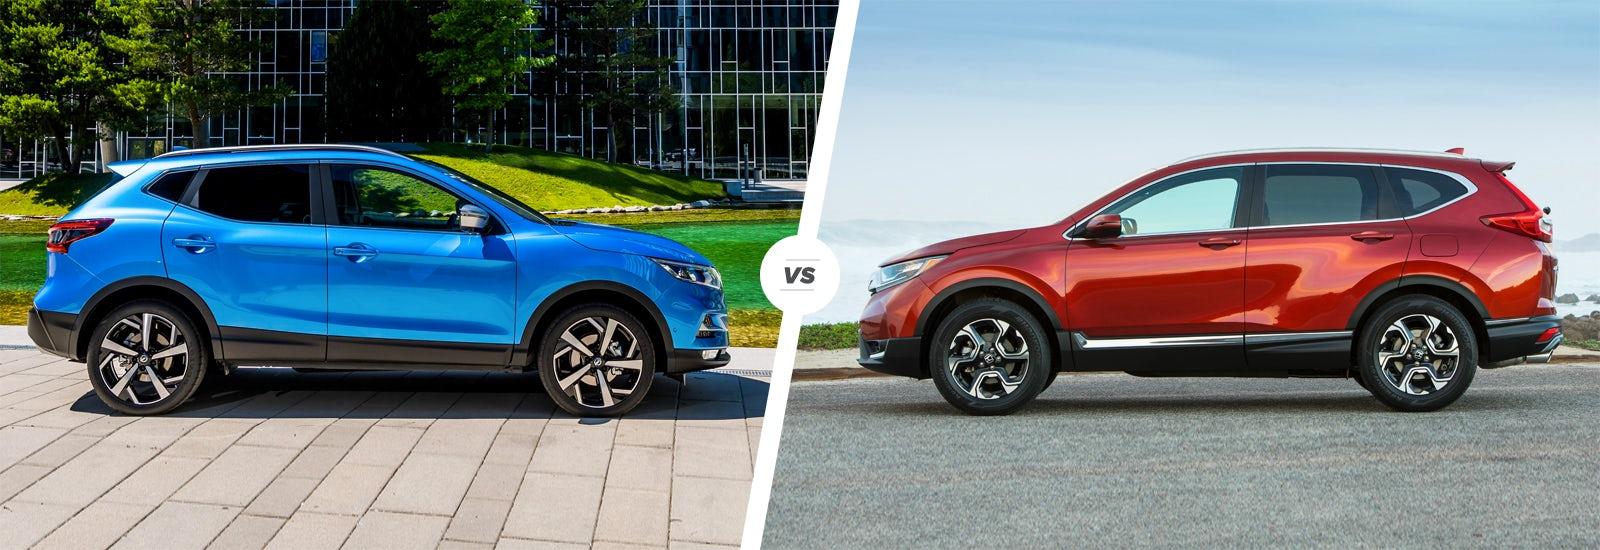 مقایسه مشخصات فنی و قیمت نیسان قشقایی و هوندا CR-V